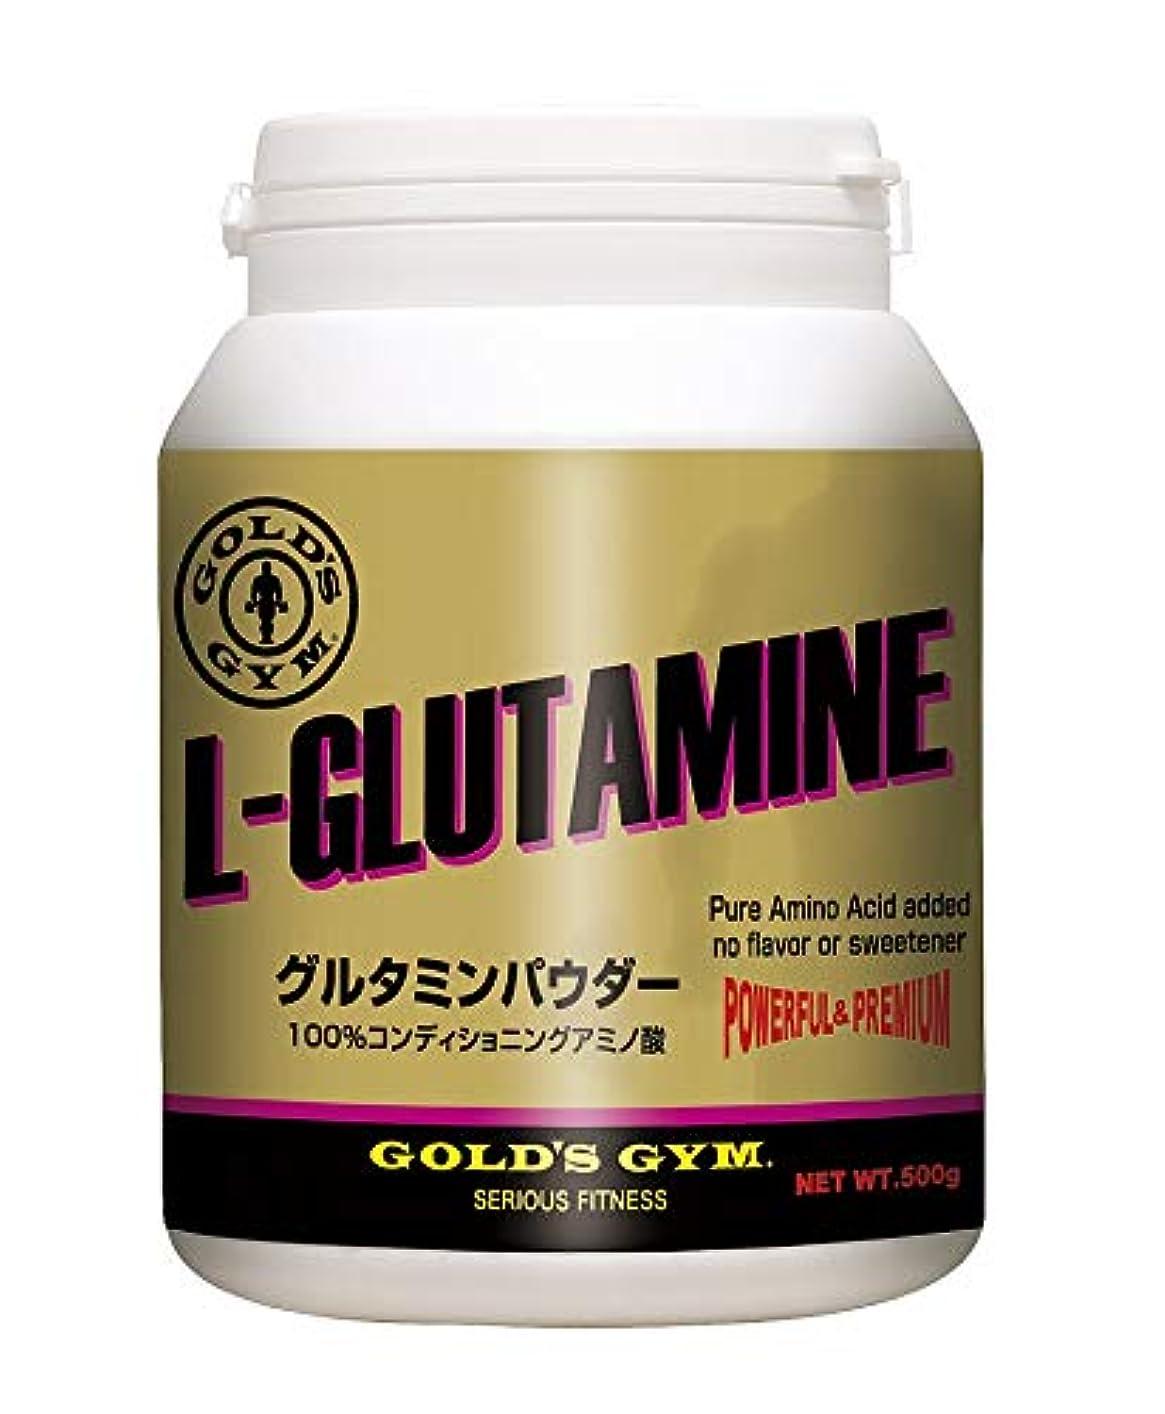 ゴールドジム(GOLD'S GYM) グルタミンパウダー 300g